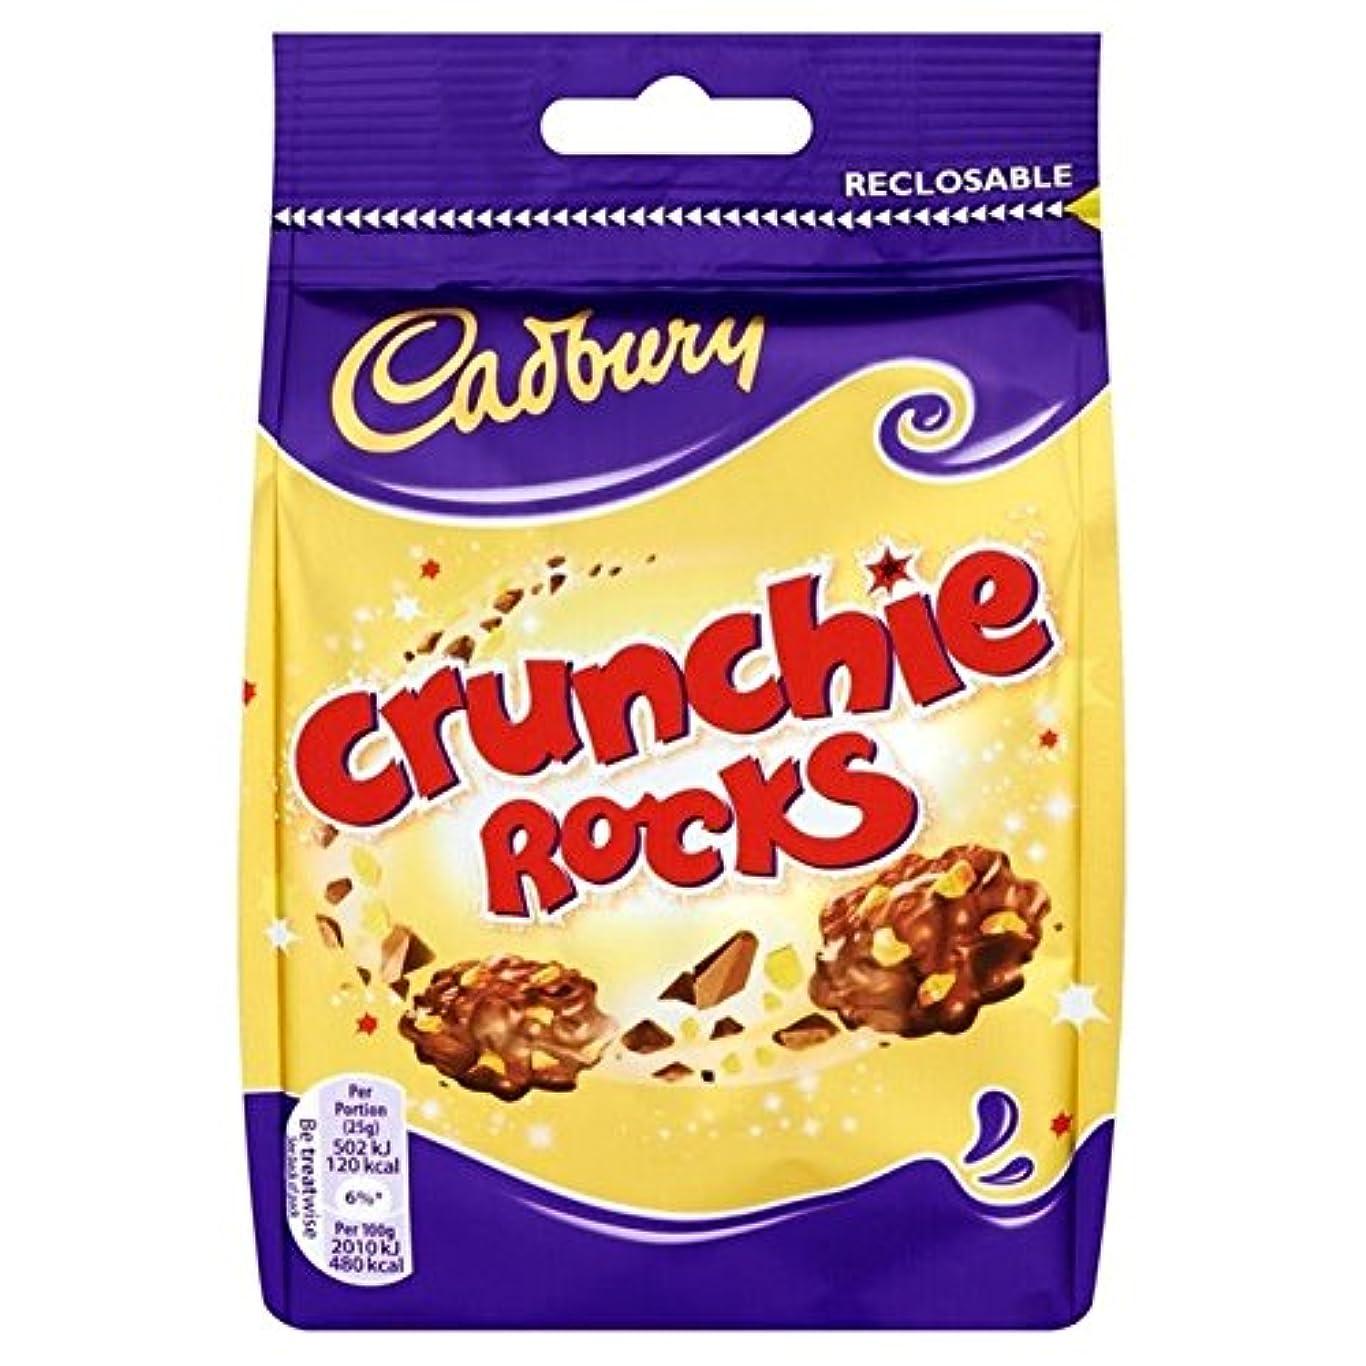 話す汚染された夫婦キャドバリー歩兵岩の110グラム (x 6) - Cadbury Crunchie Rocks 110g (Pack of 6) [並行輸入品]